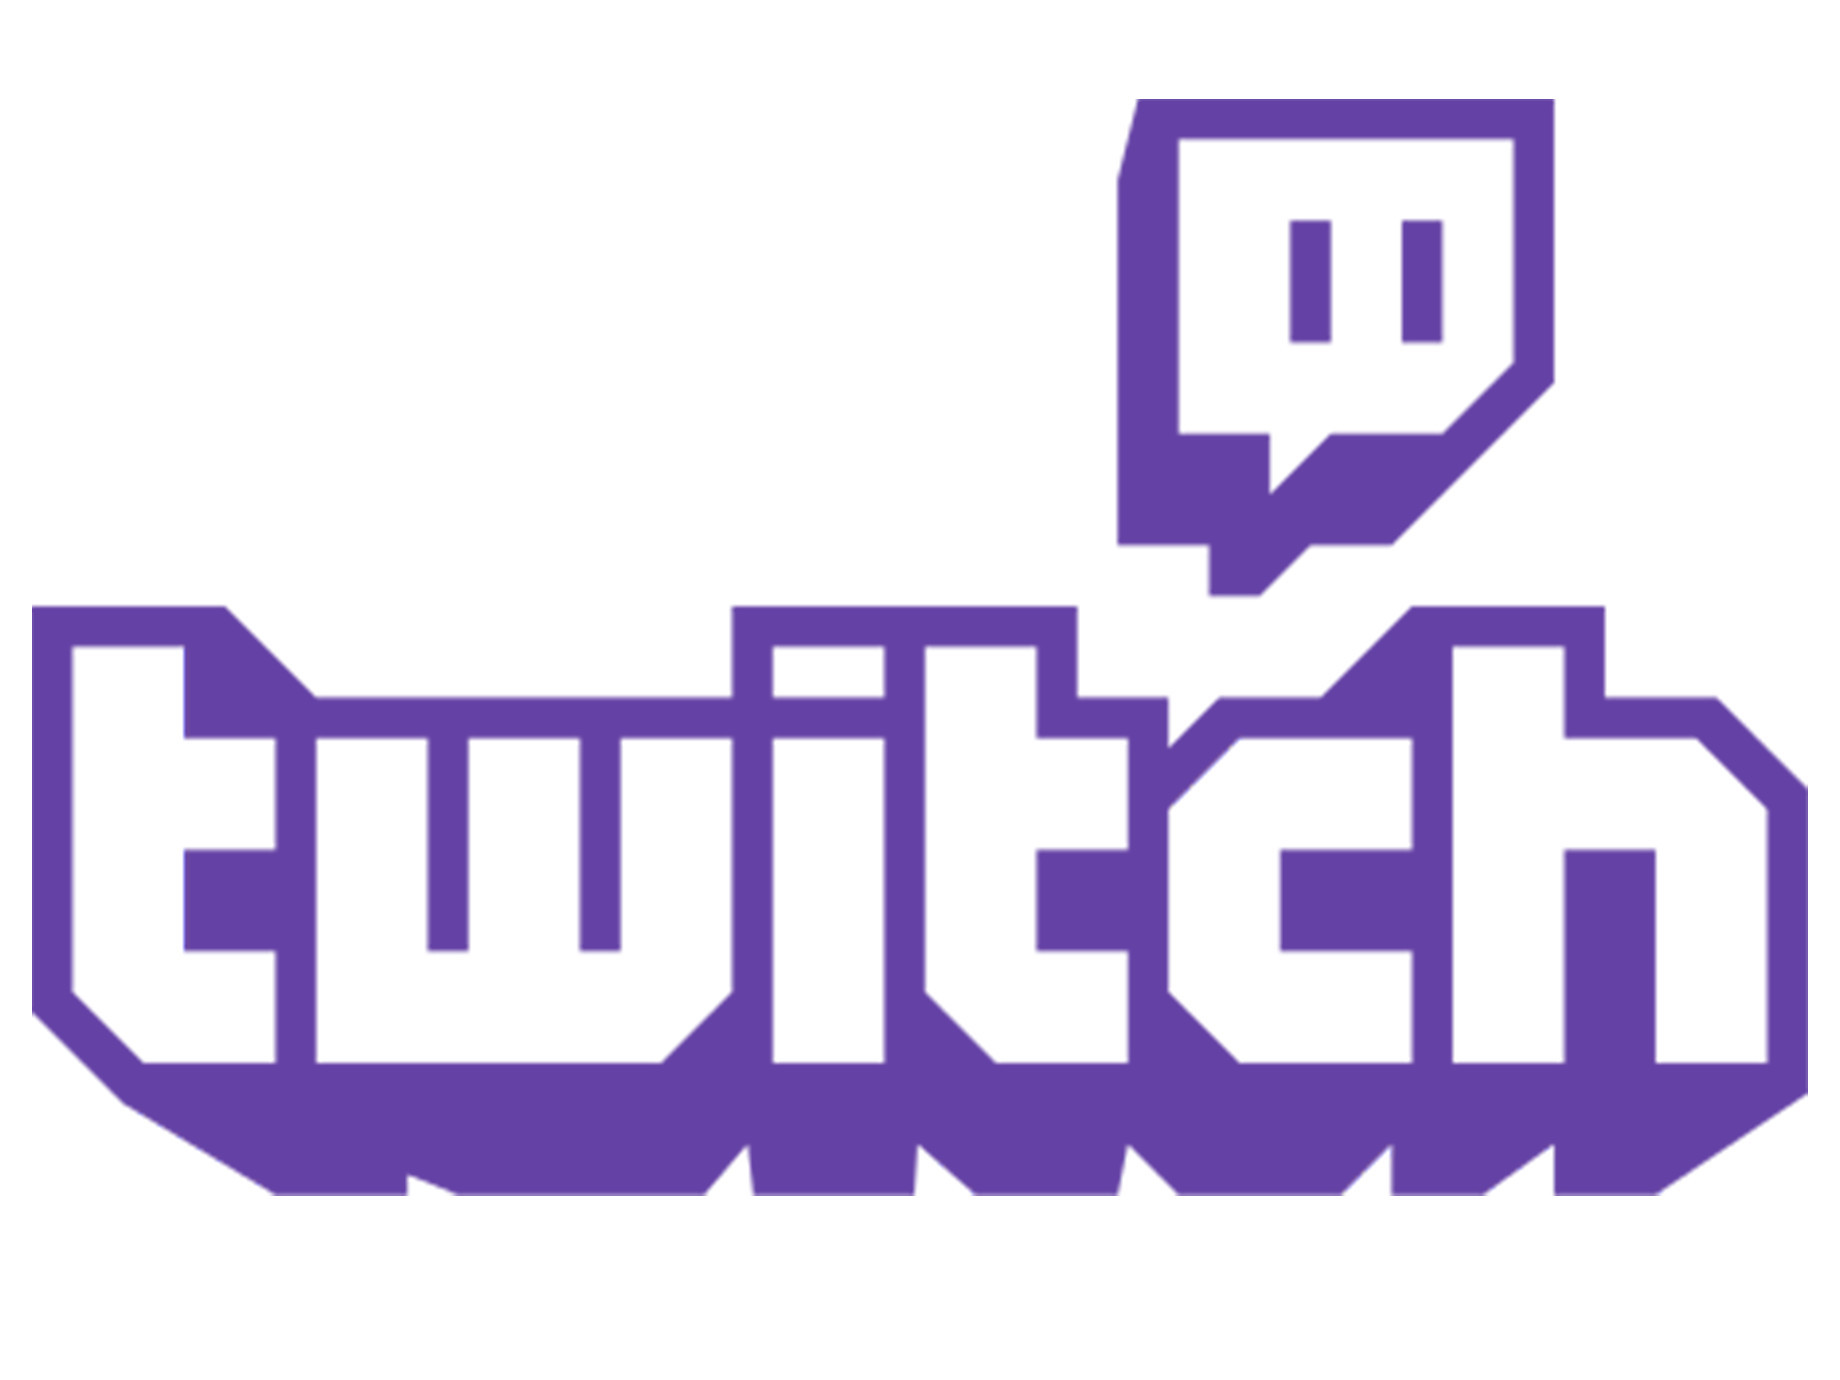 Amazon旗下影音平台Twitch開賣遊戲,實況主可抽成5%